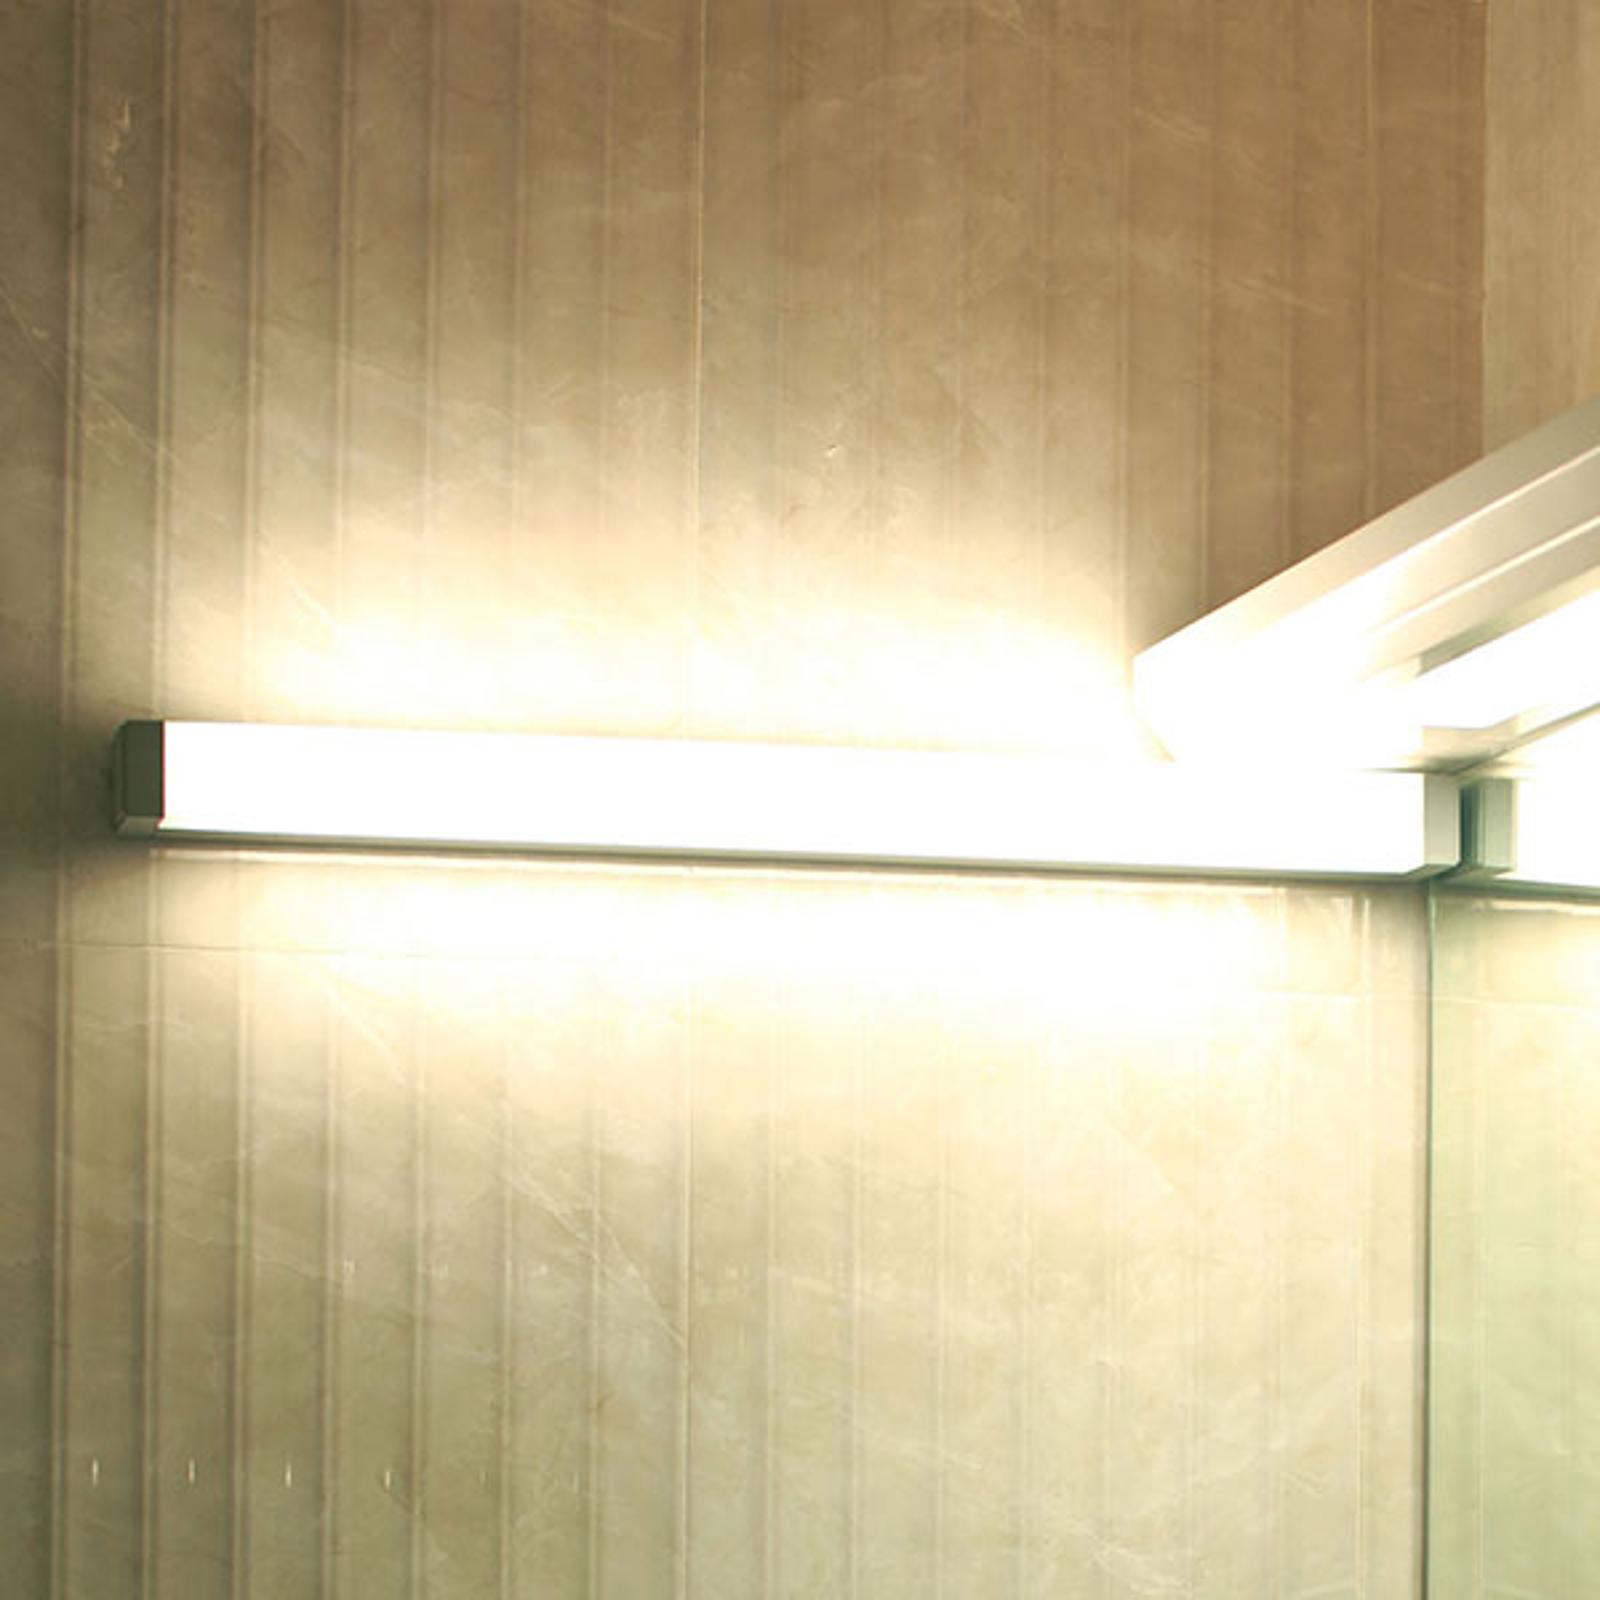 LED-Wandleuchte 512106 für Spiegel, silber